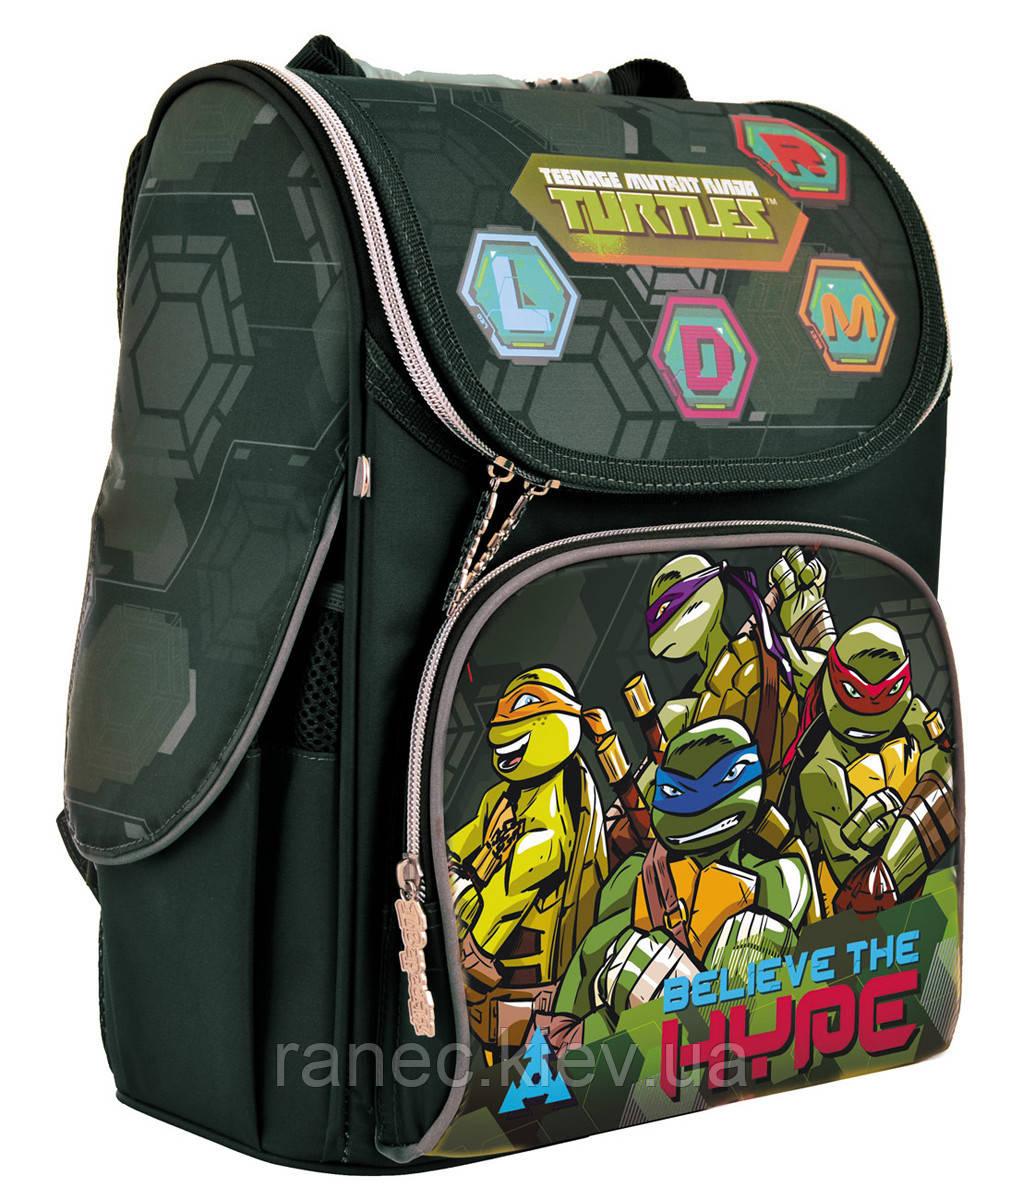 Рюкзак школьный каркасный H-11 Tmnt 556157 1 Вересня